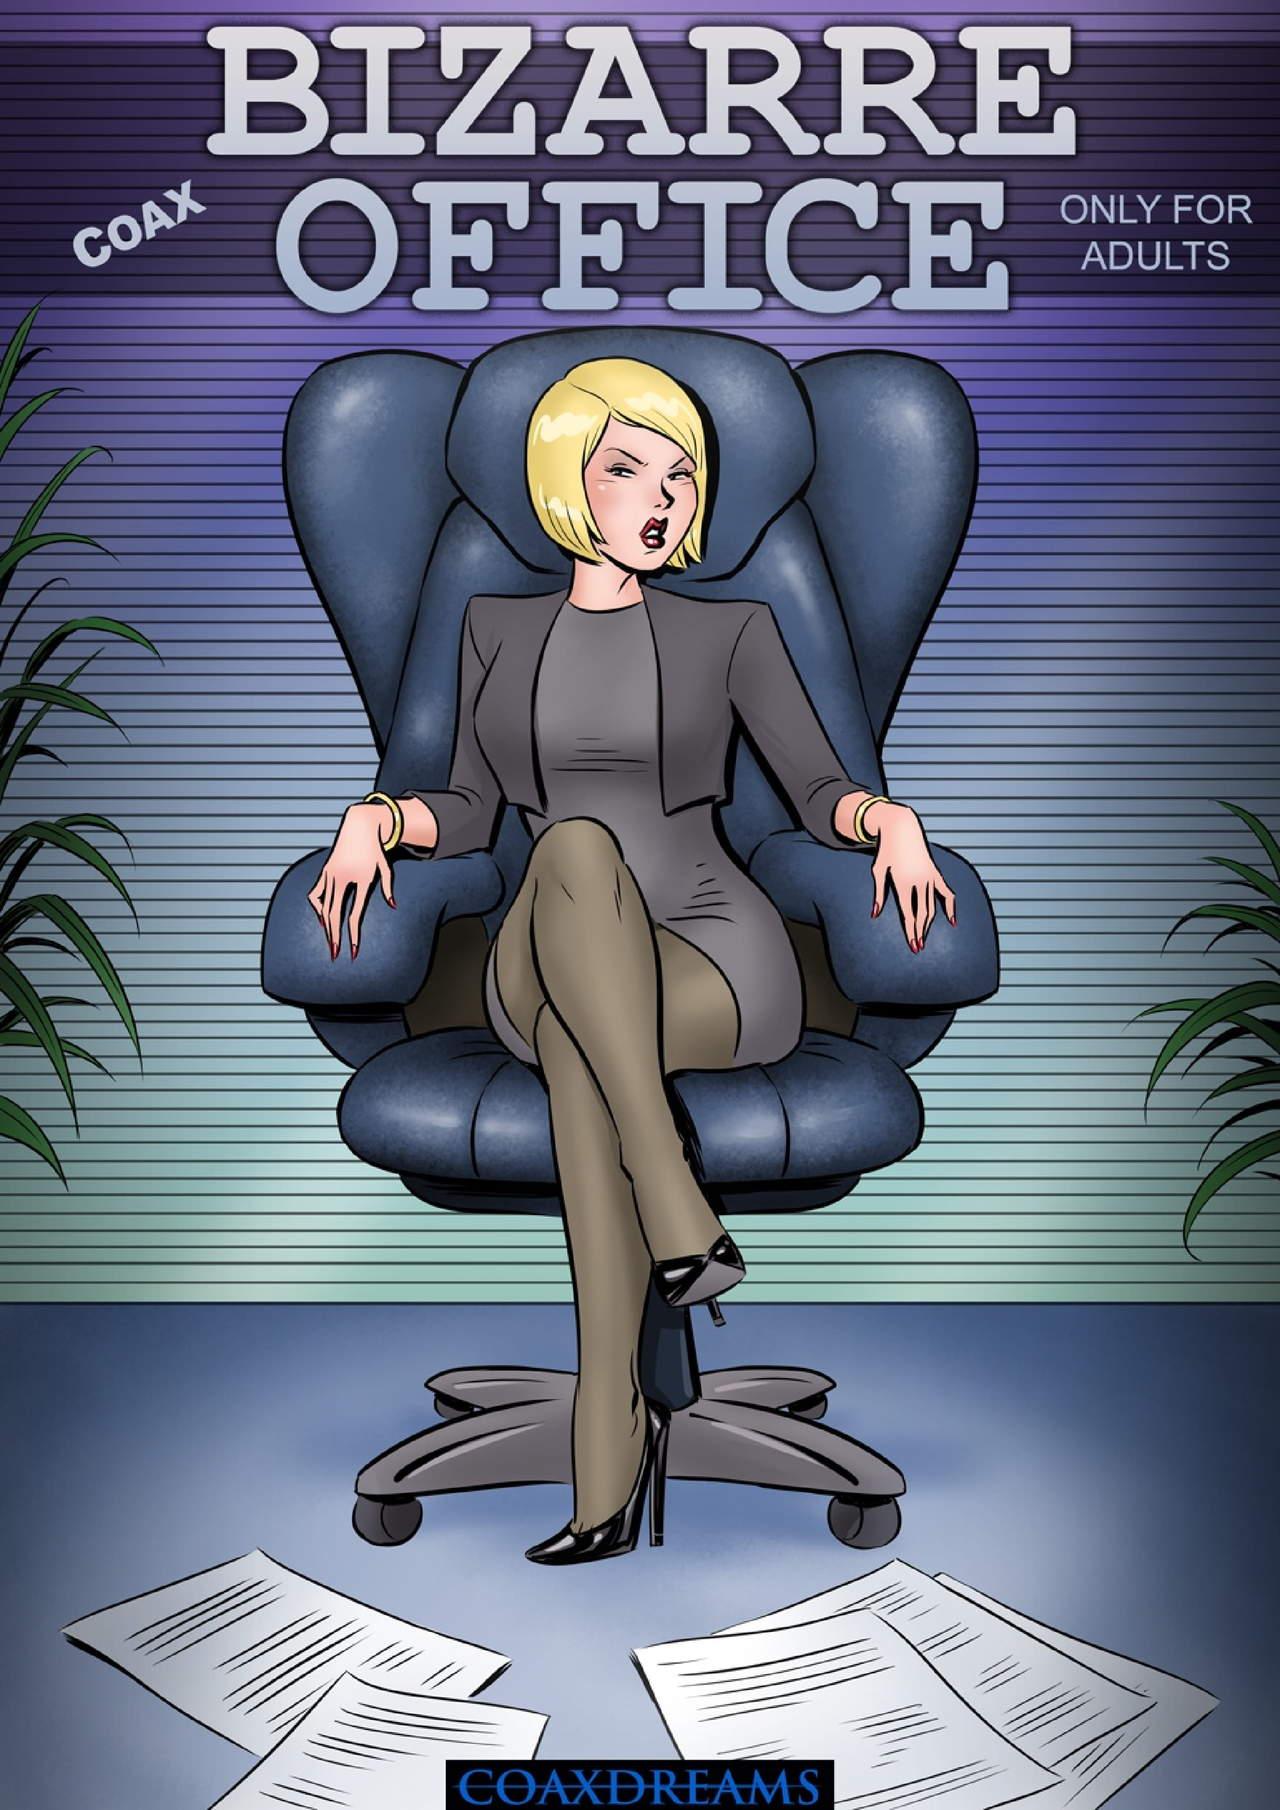 Bdsm Porn Comics coax] - bizarre office, bdsm • free porn comics